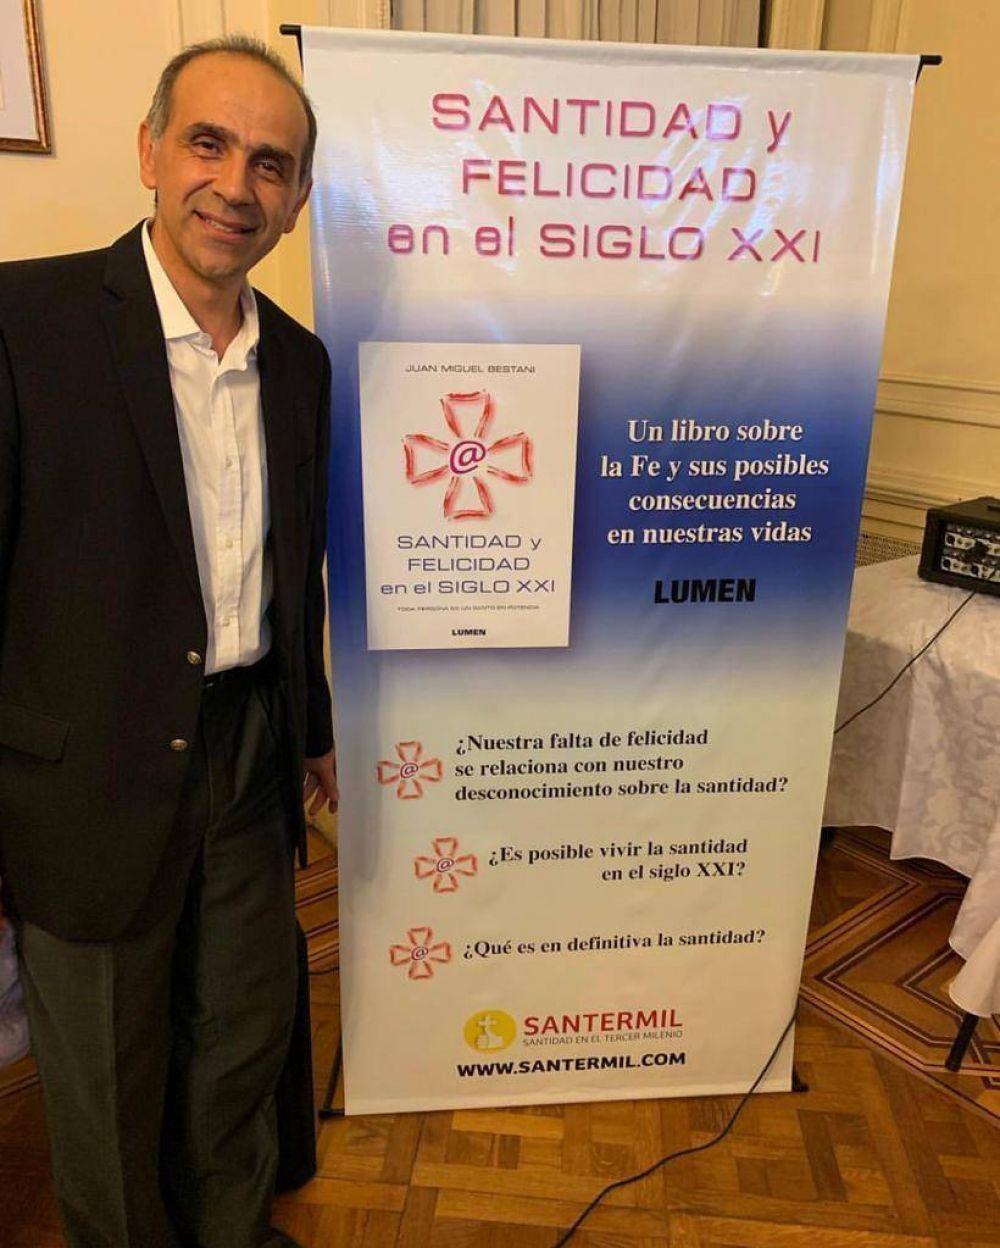 Presentaron un libro sobre la Santidad y Felicidad en el siglo XXI